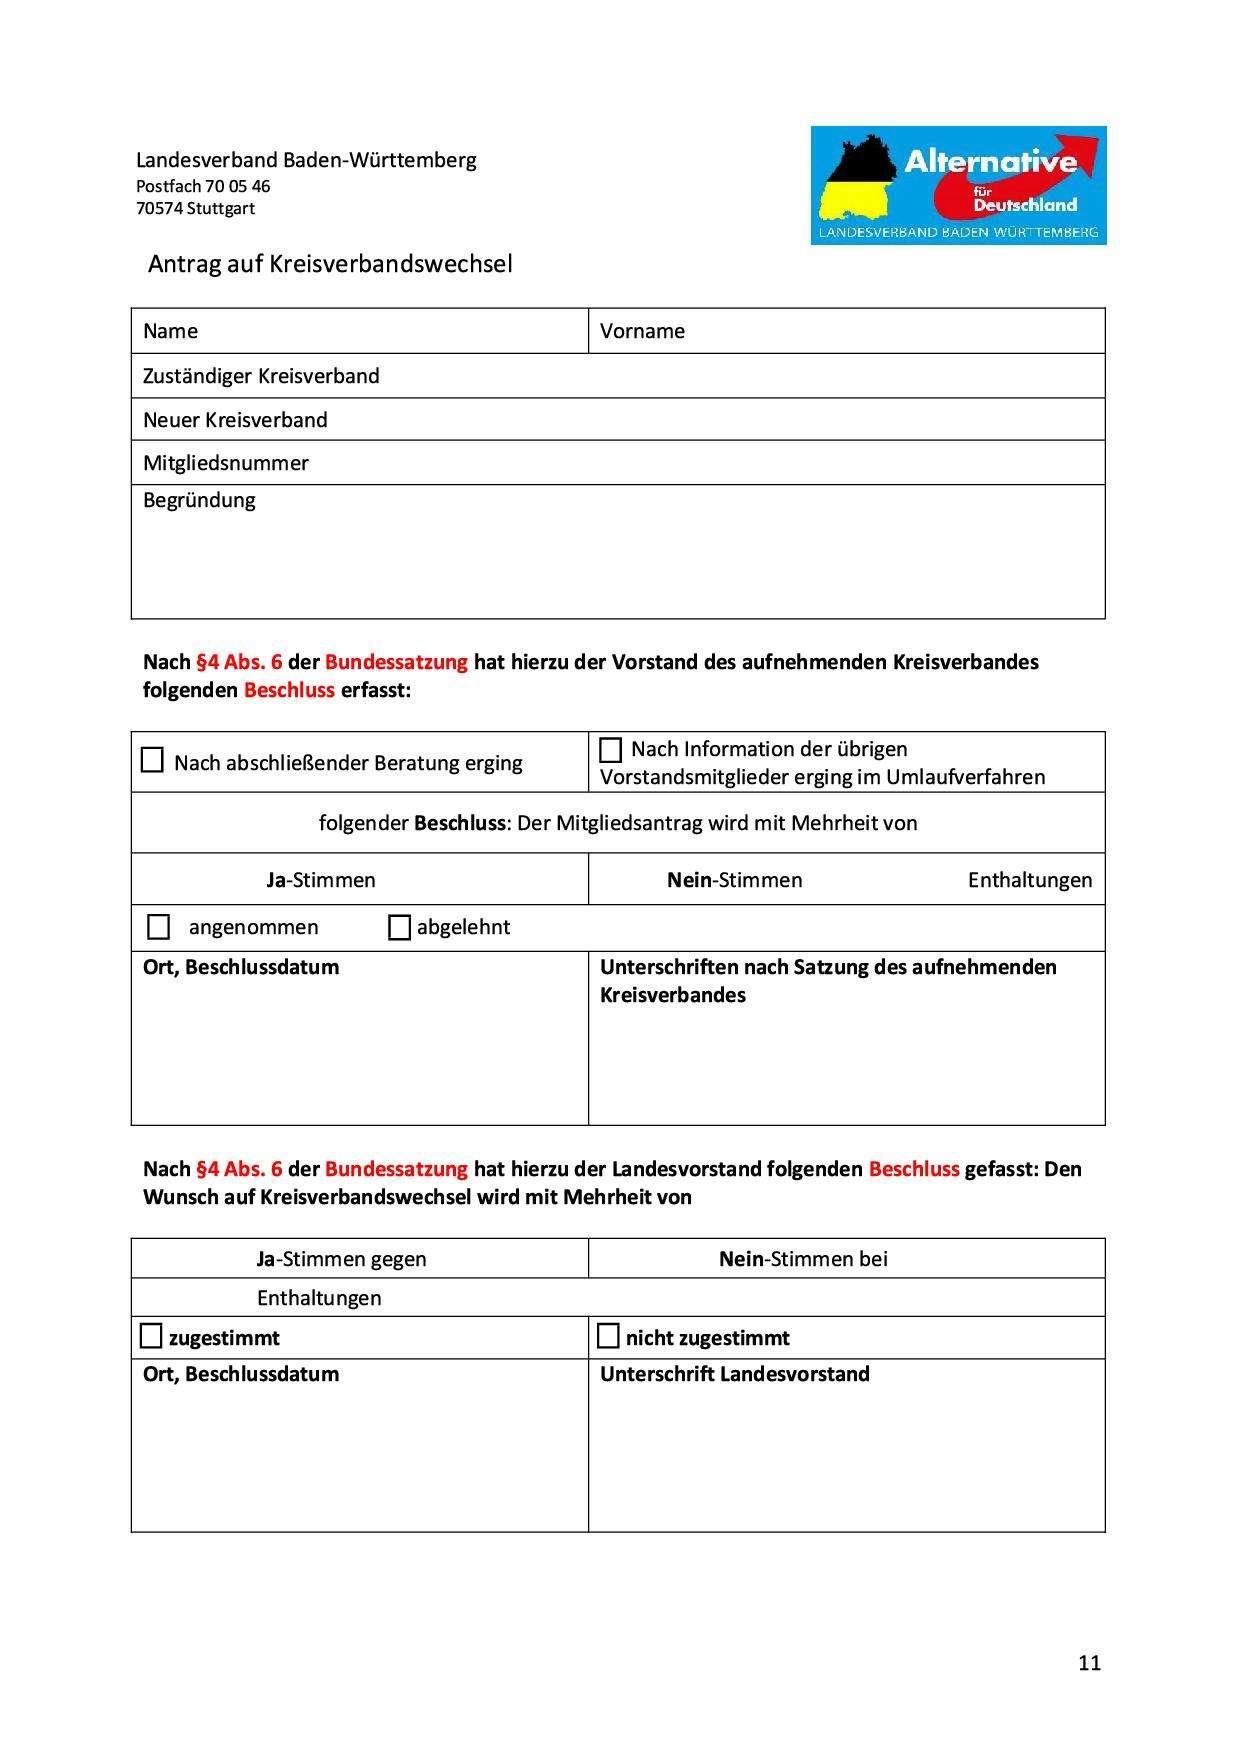 Antrag auf Kreisverbandswechsel Version 1.81